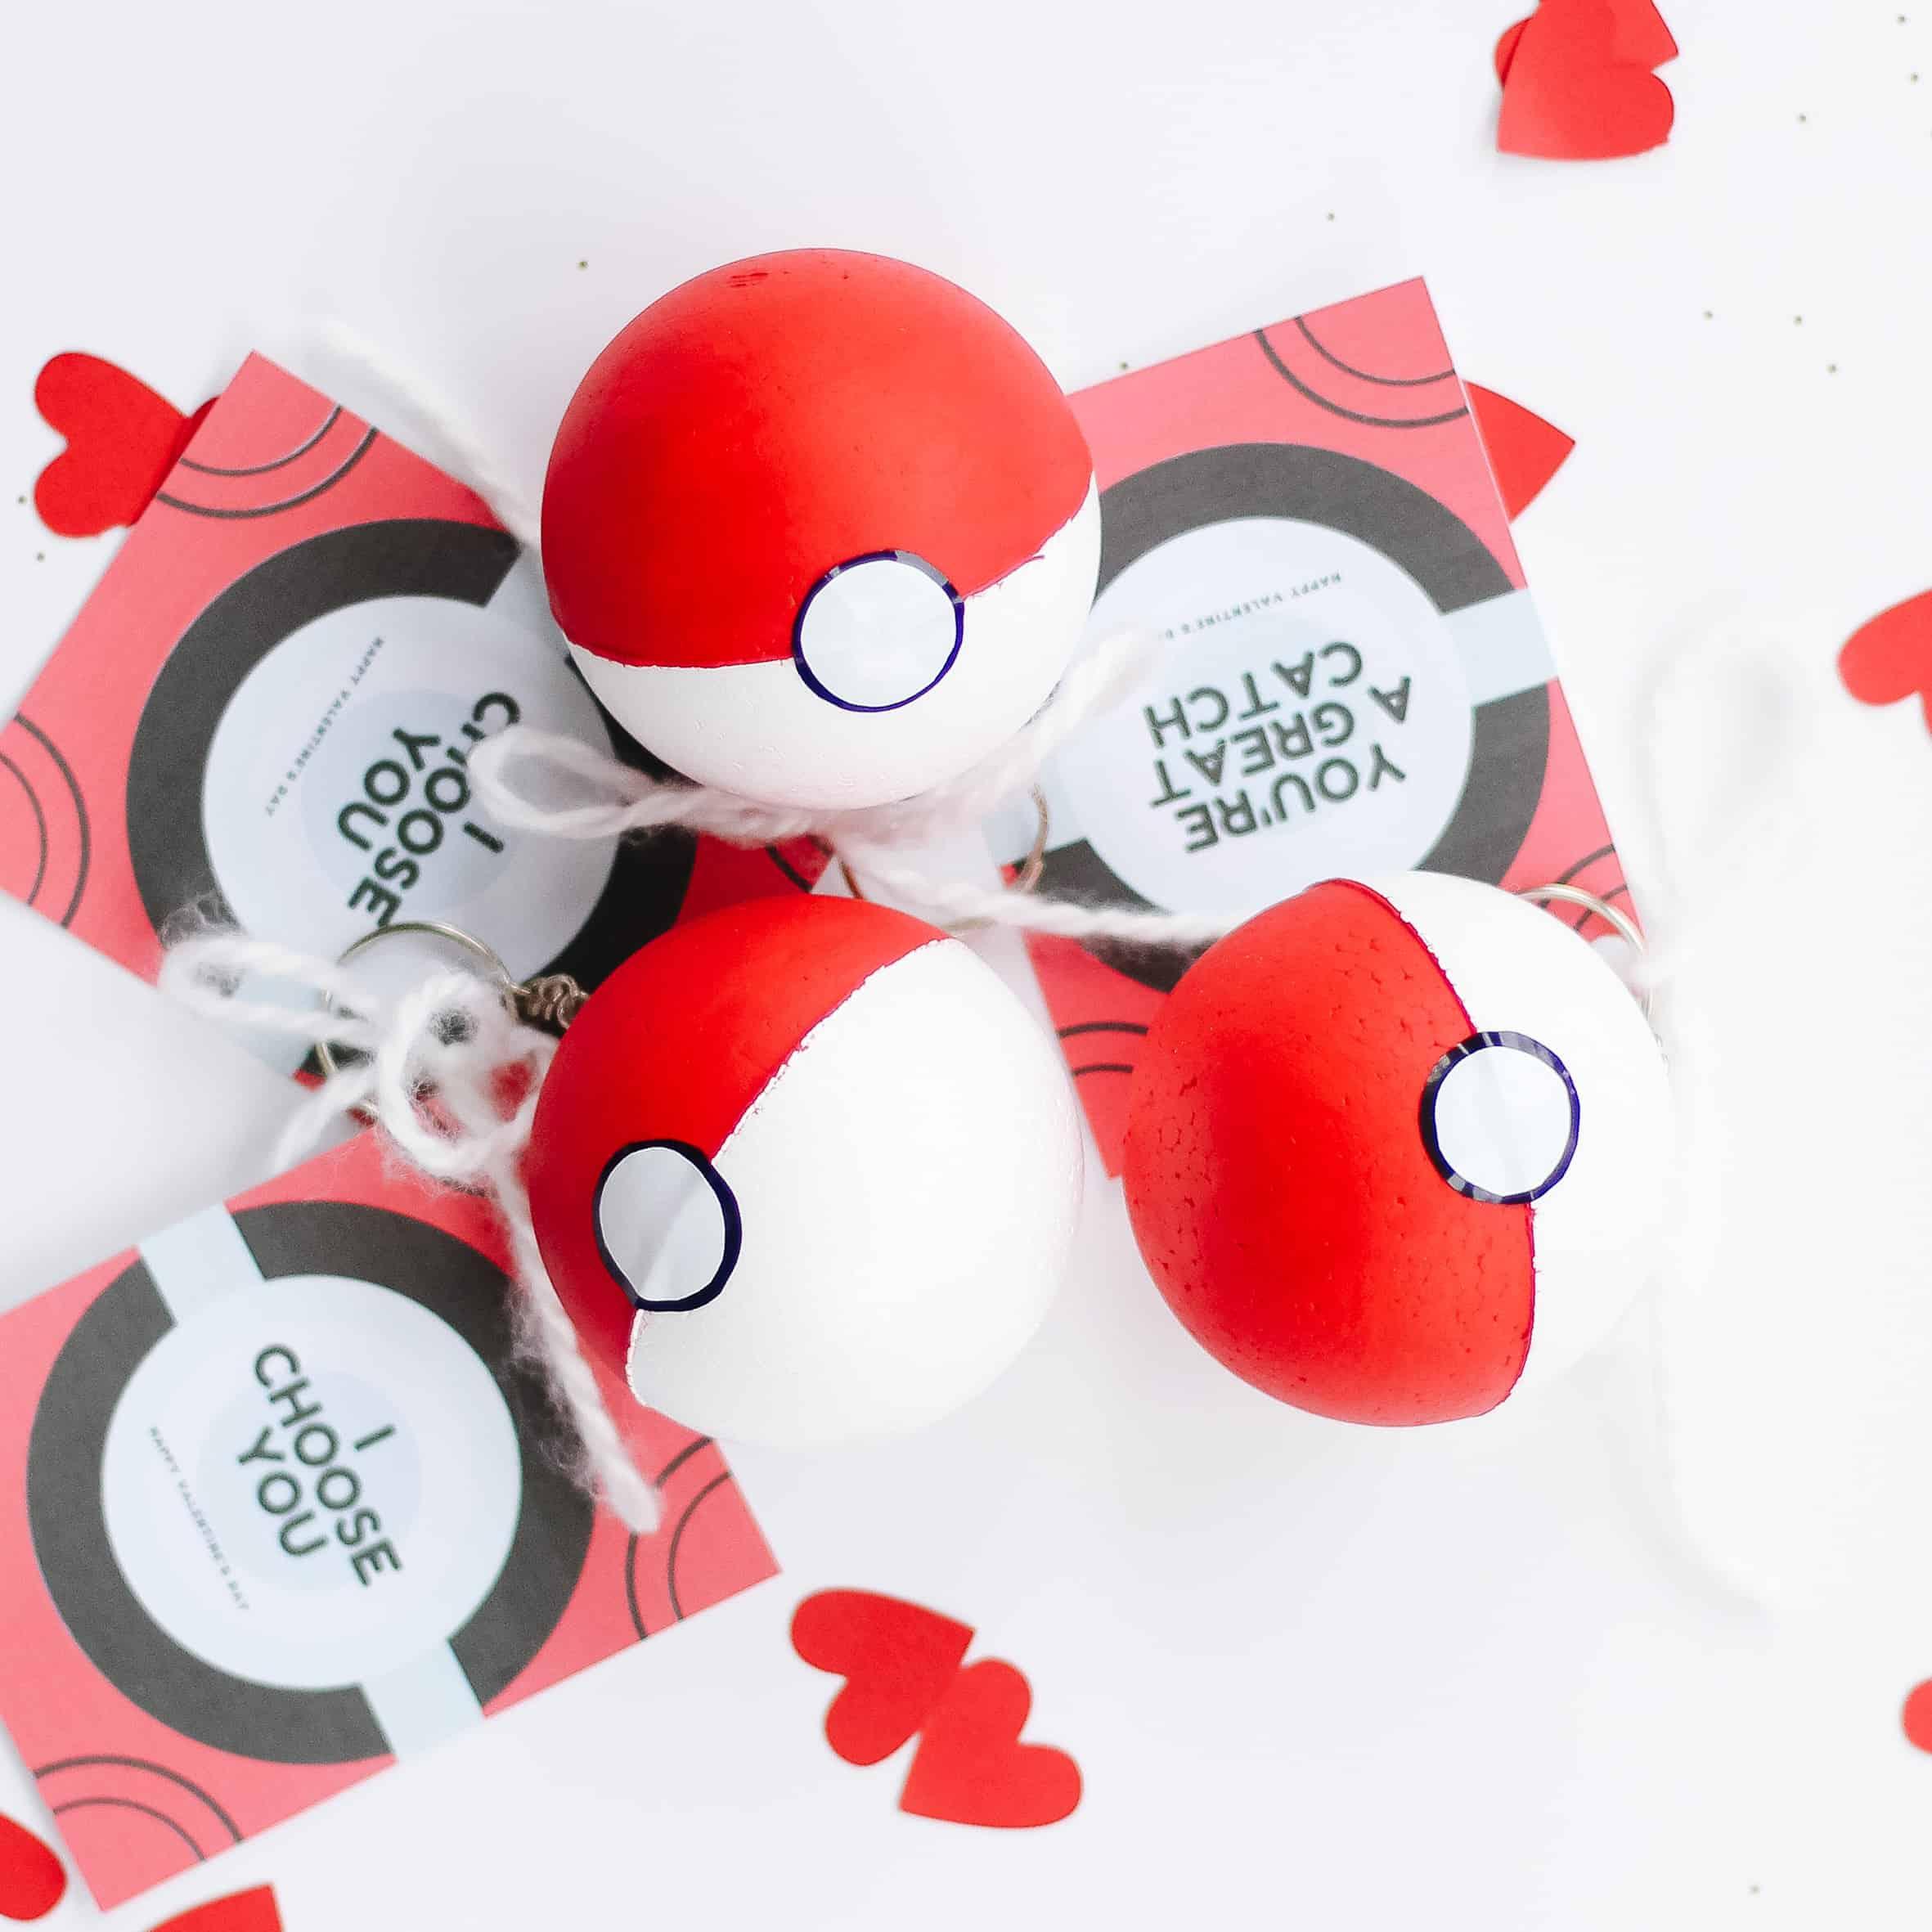 DIY poke ball valentines